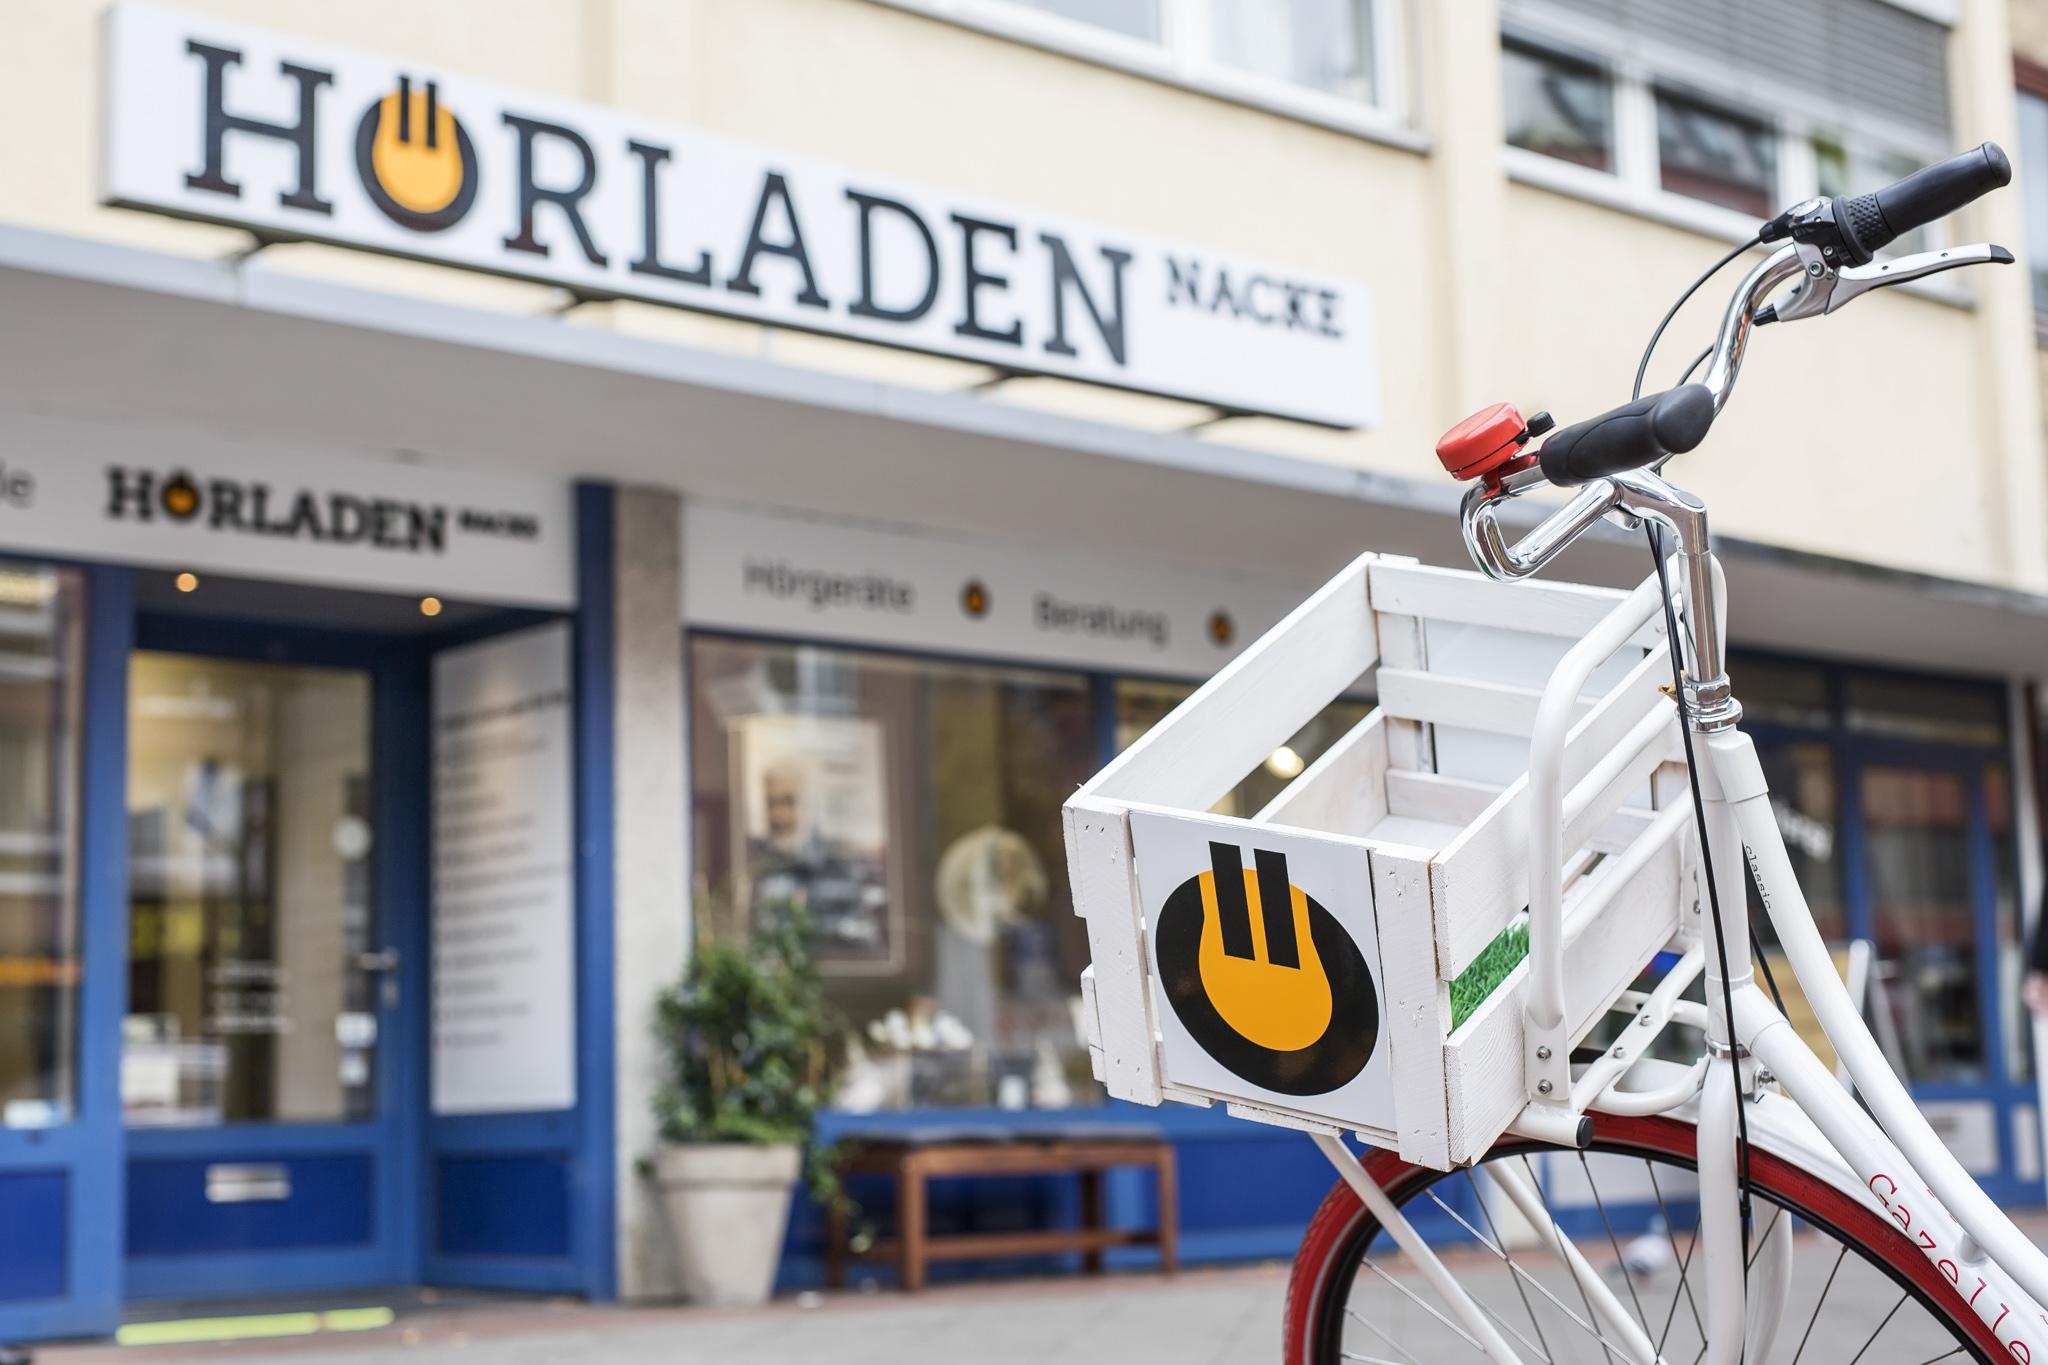 Der Hörladen Nacke in Hannover